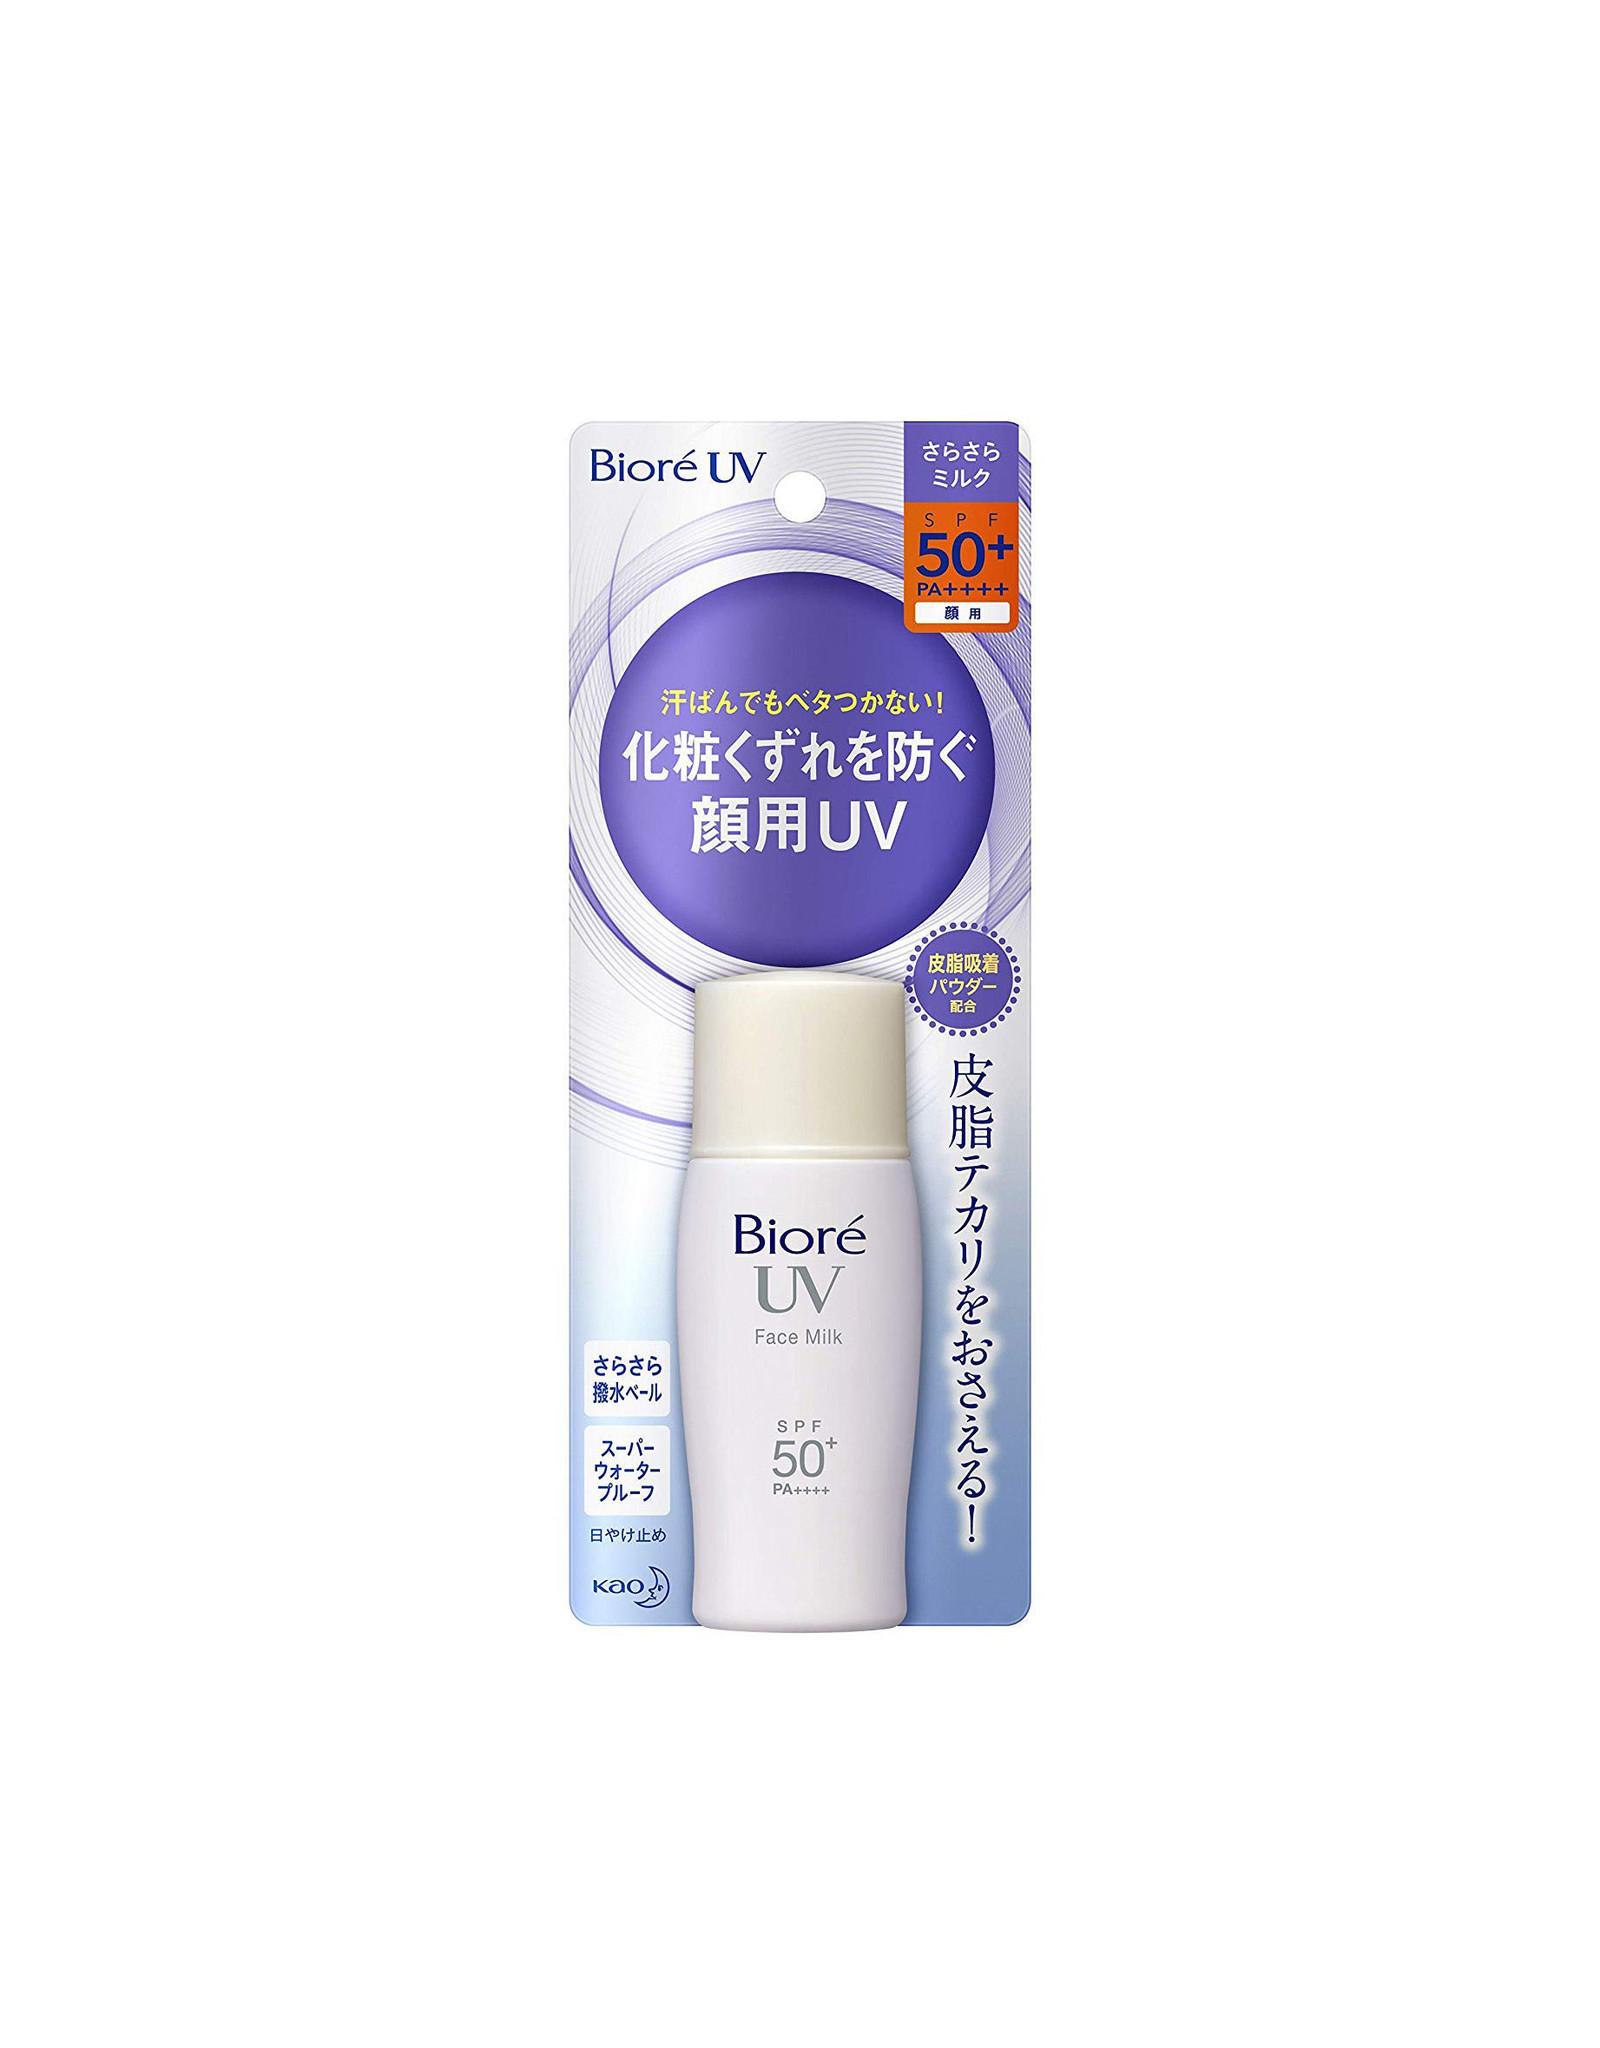 Kao KAO Biore UV Perfect Oil Control Face Milk Sunscreen SPF50+ PA++++ 30ml